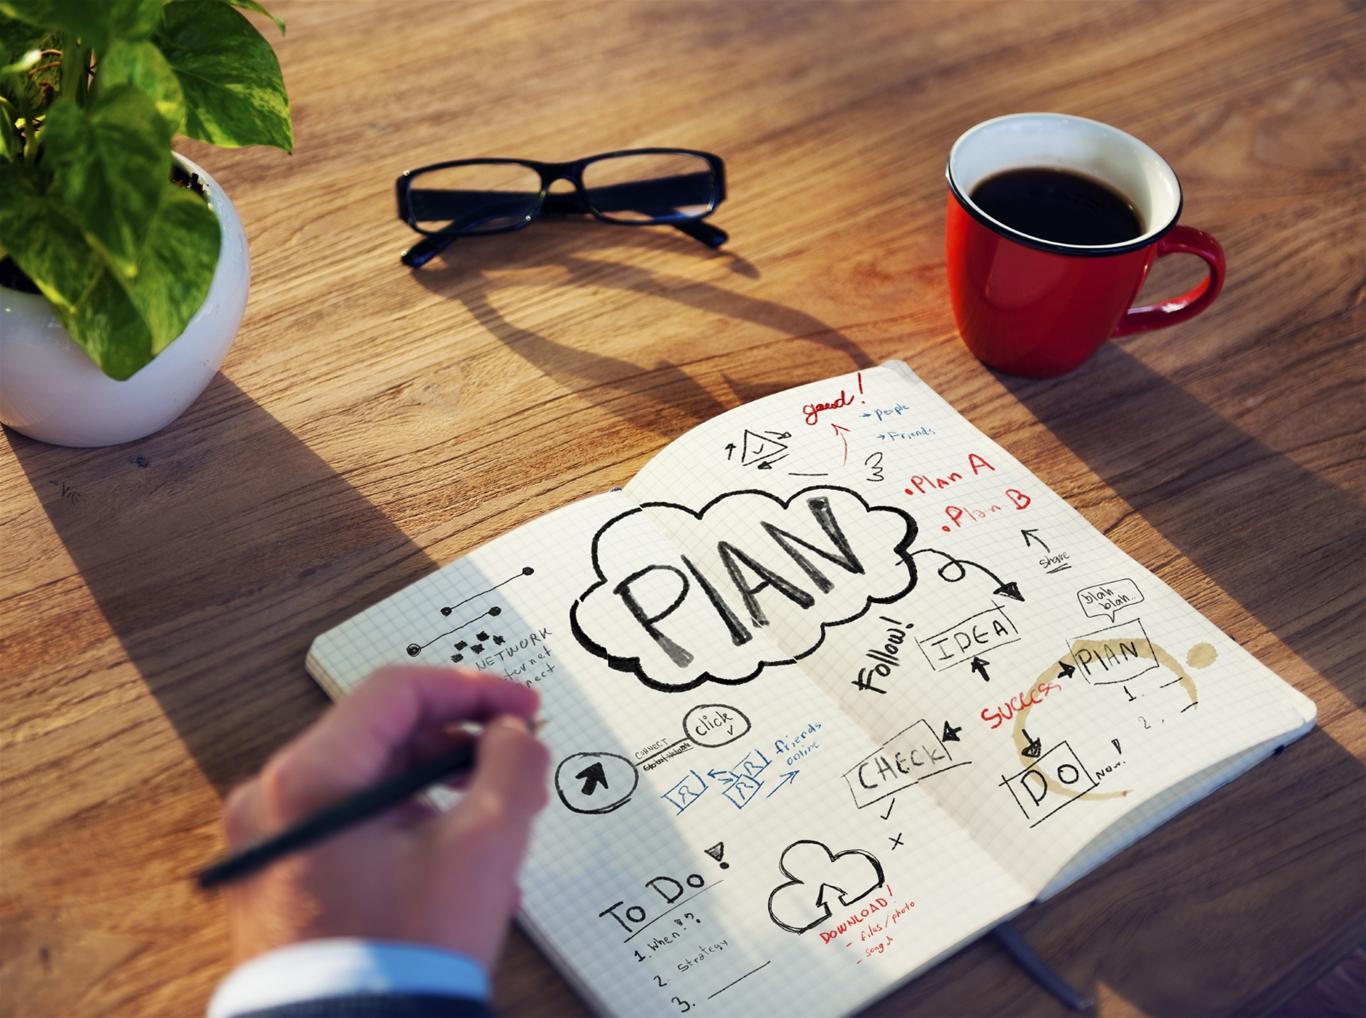 Lên ý tưởng cho kế hoạch kinh doanh hiệu quả